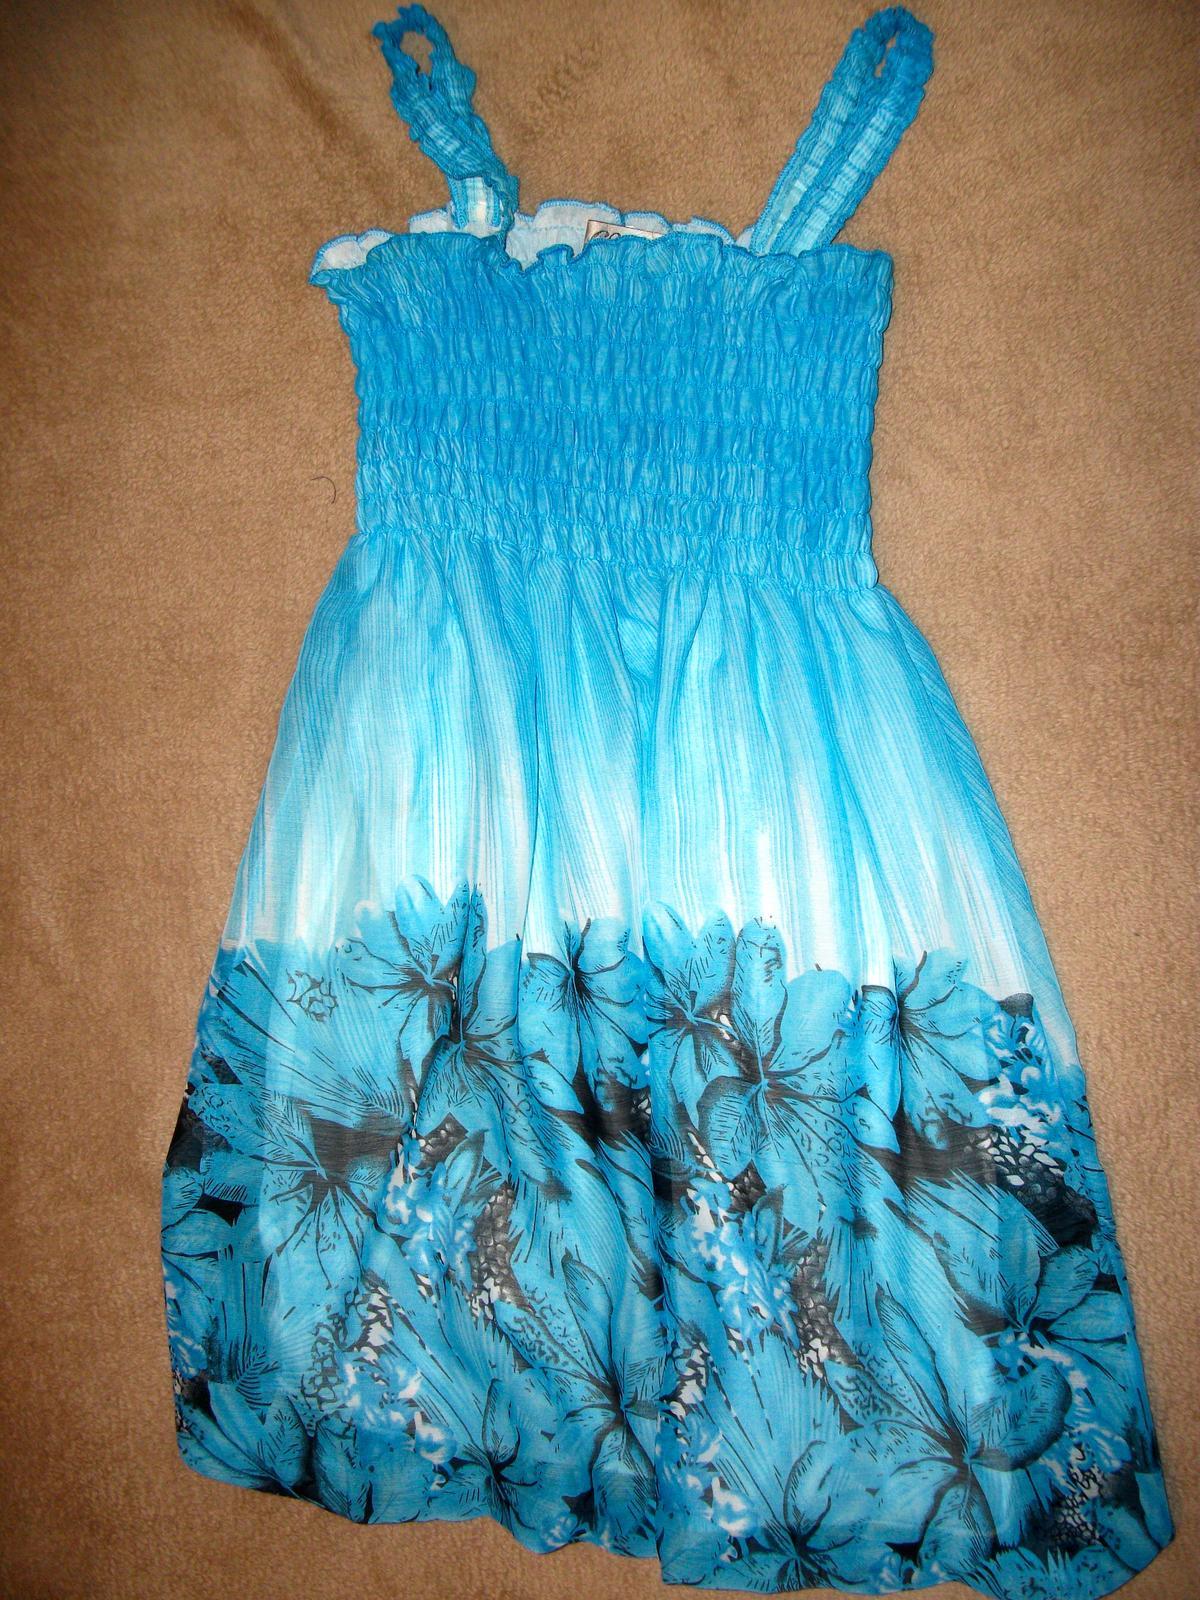 šaty na 9-10 rokov - Obrázok č. 1